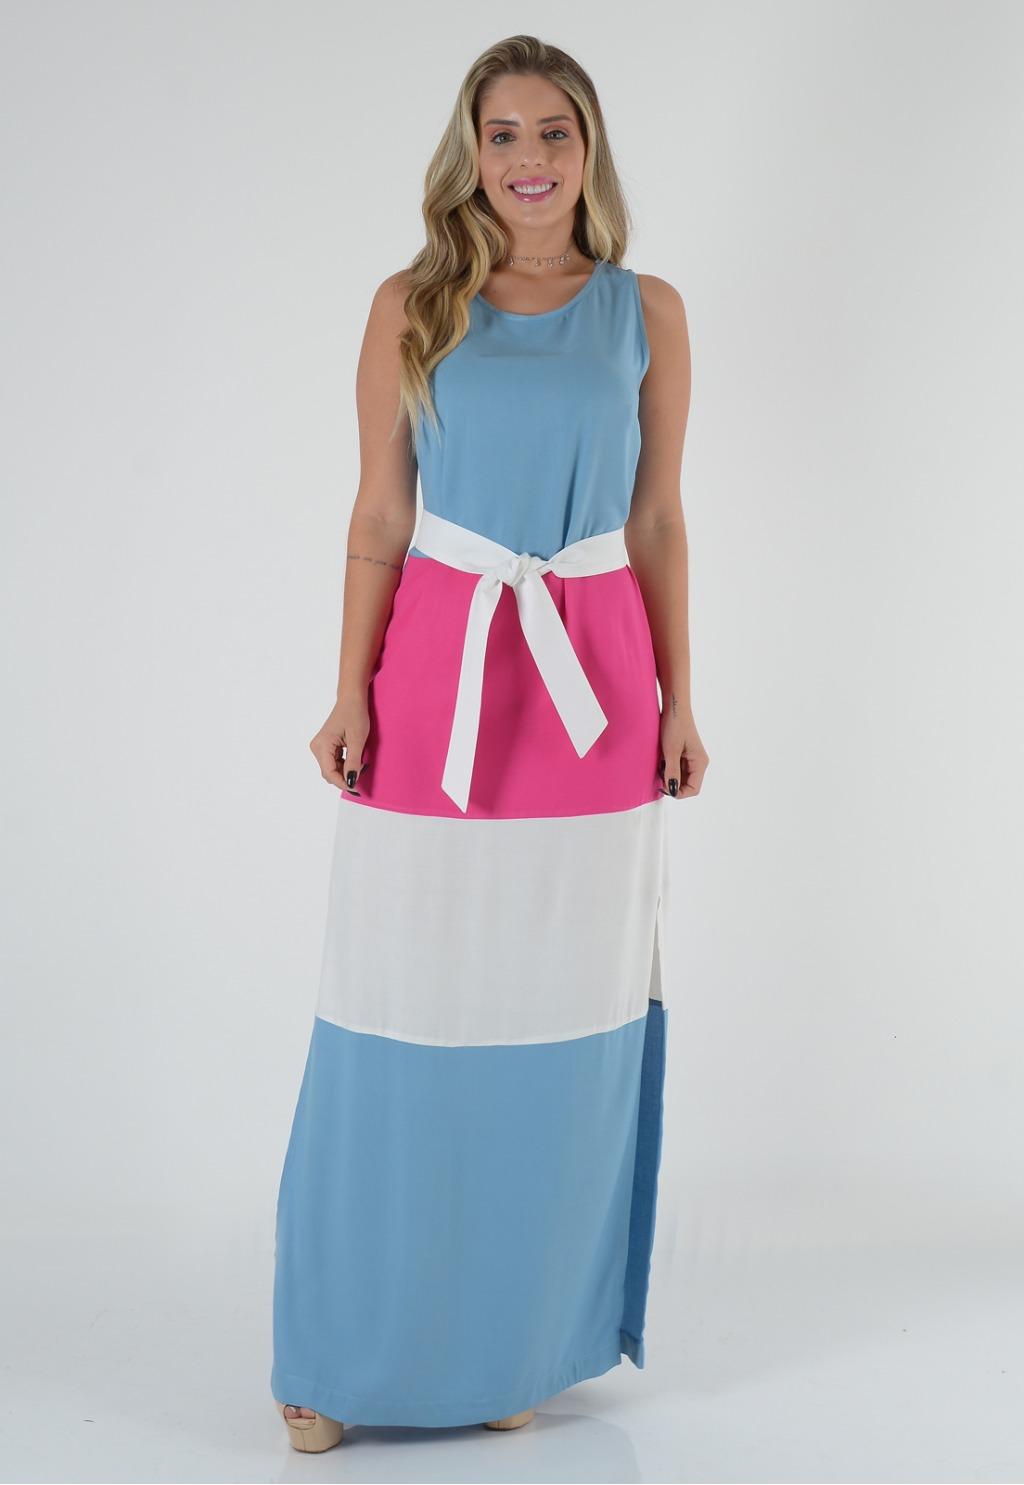 Vestido Mamorena longo cavado tricolor